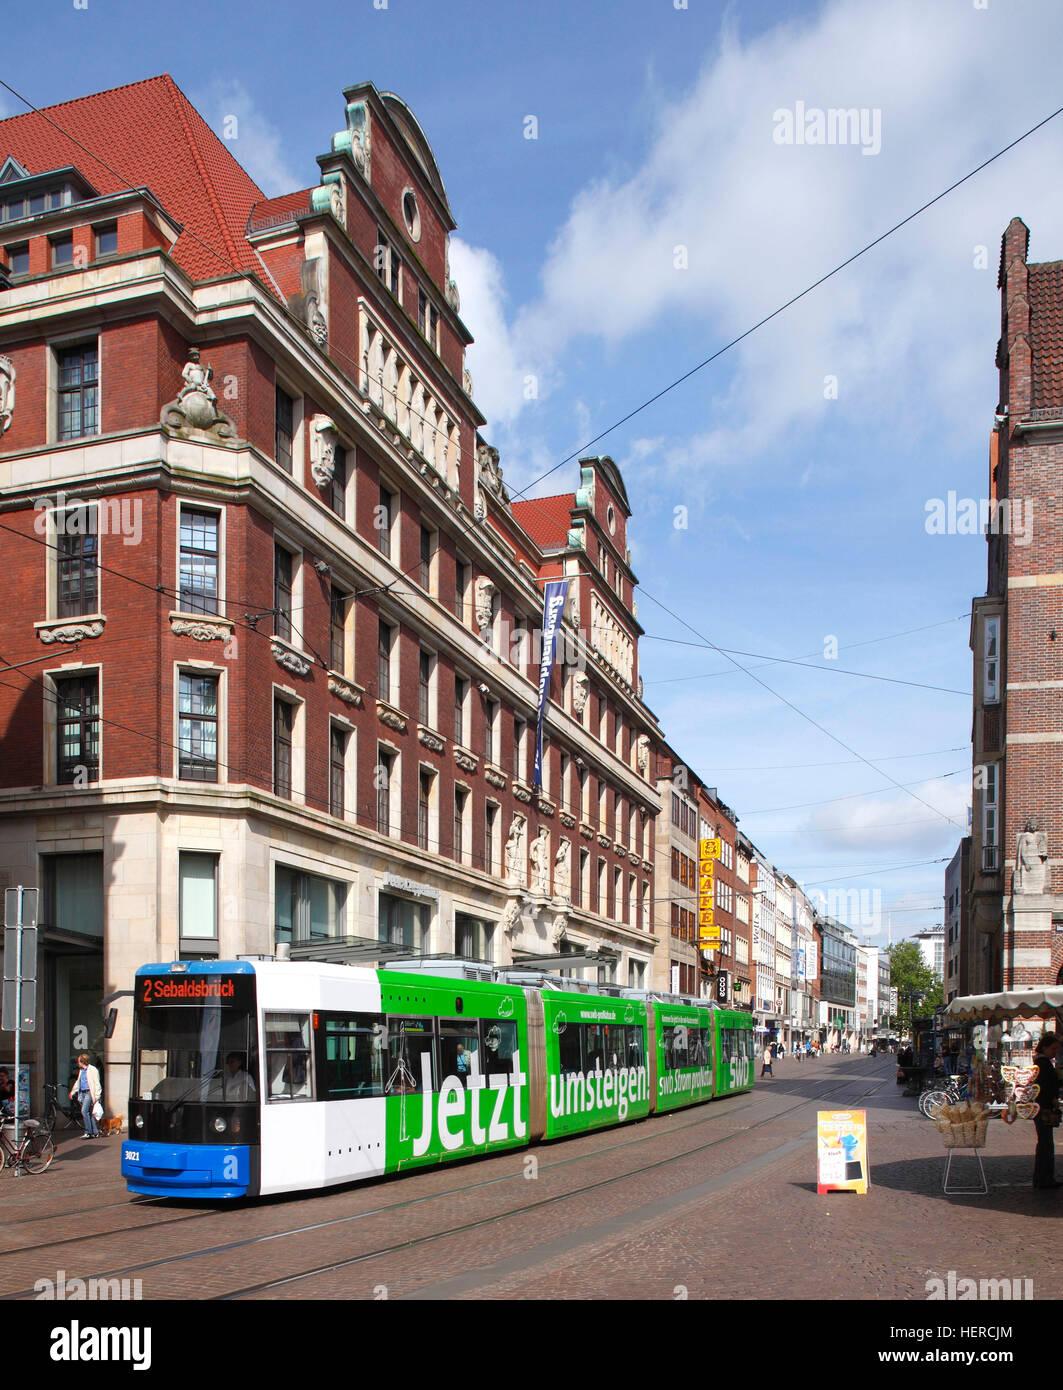 Straßenbahn mit Bank- und Kaufhaus Obernstraße 2-12 in der Einkaufsstraße Obernstraße, Bremen, Deutschland, Europa Stock Photo